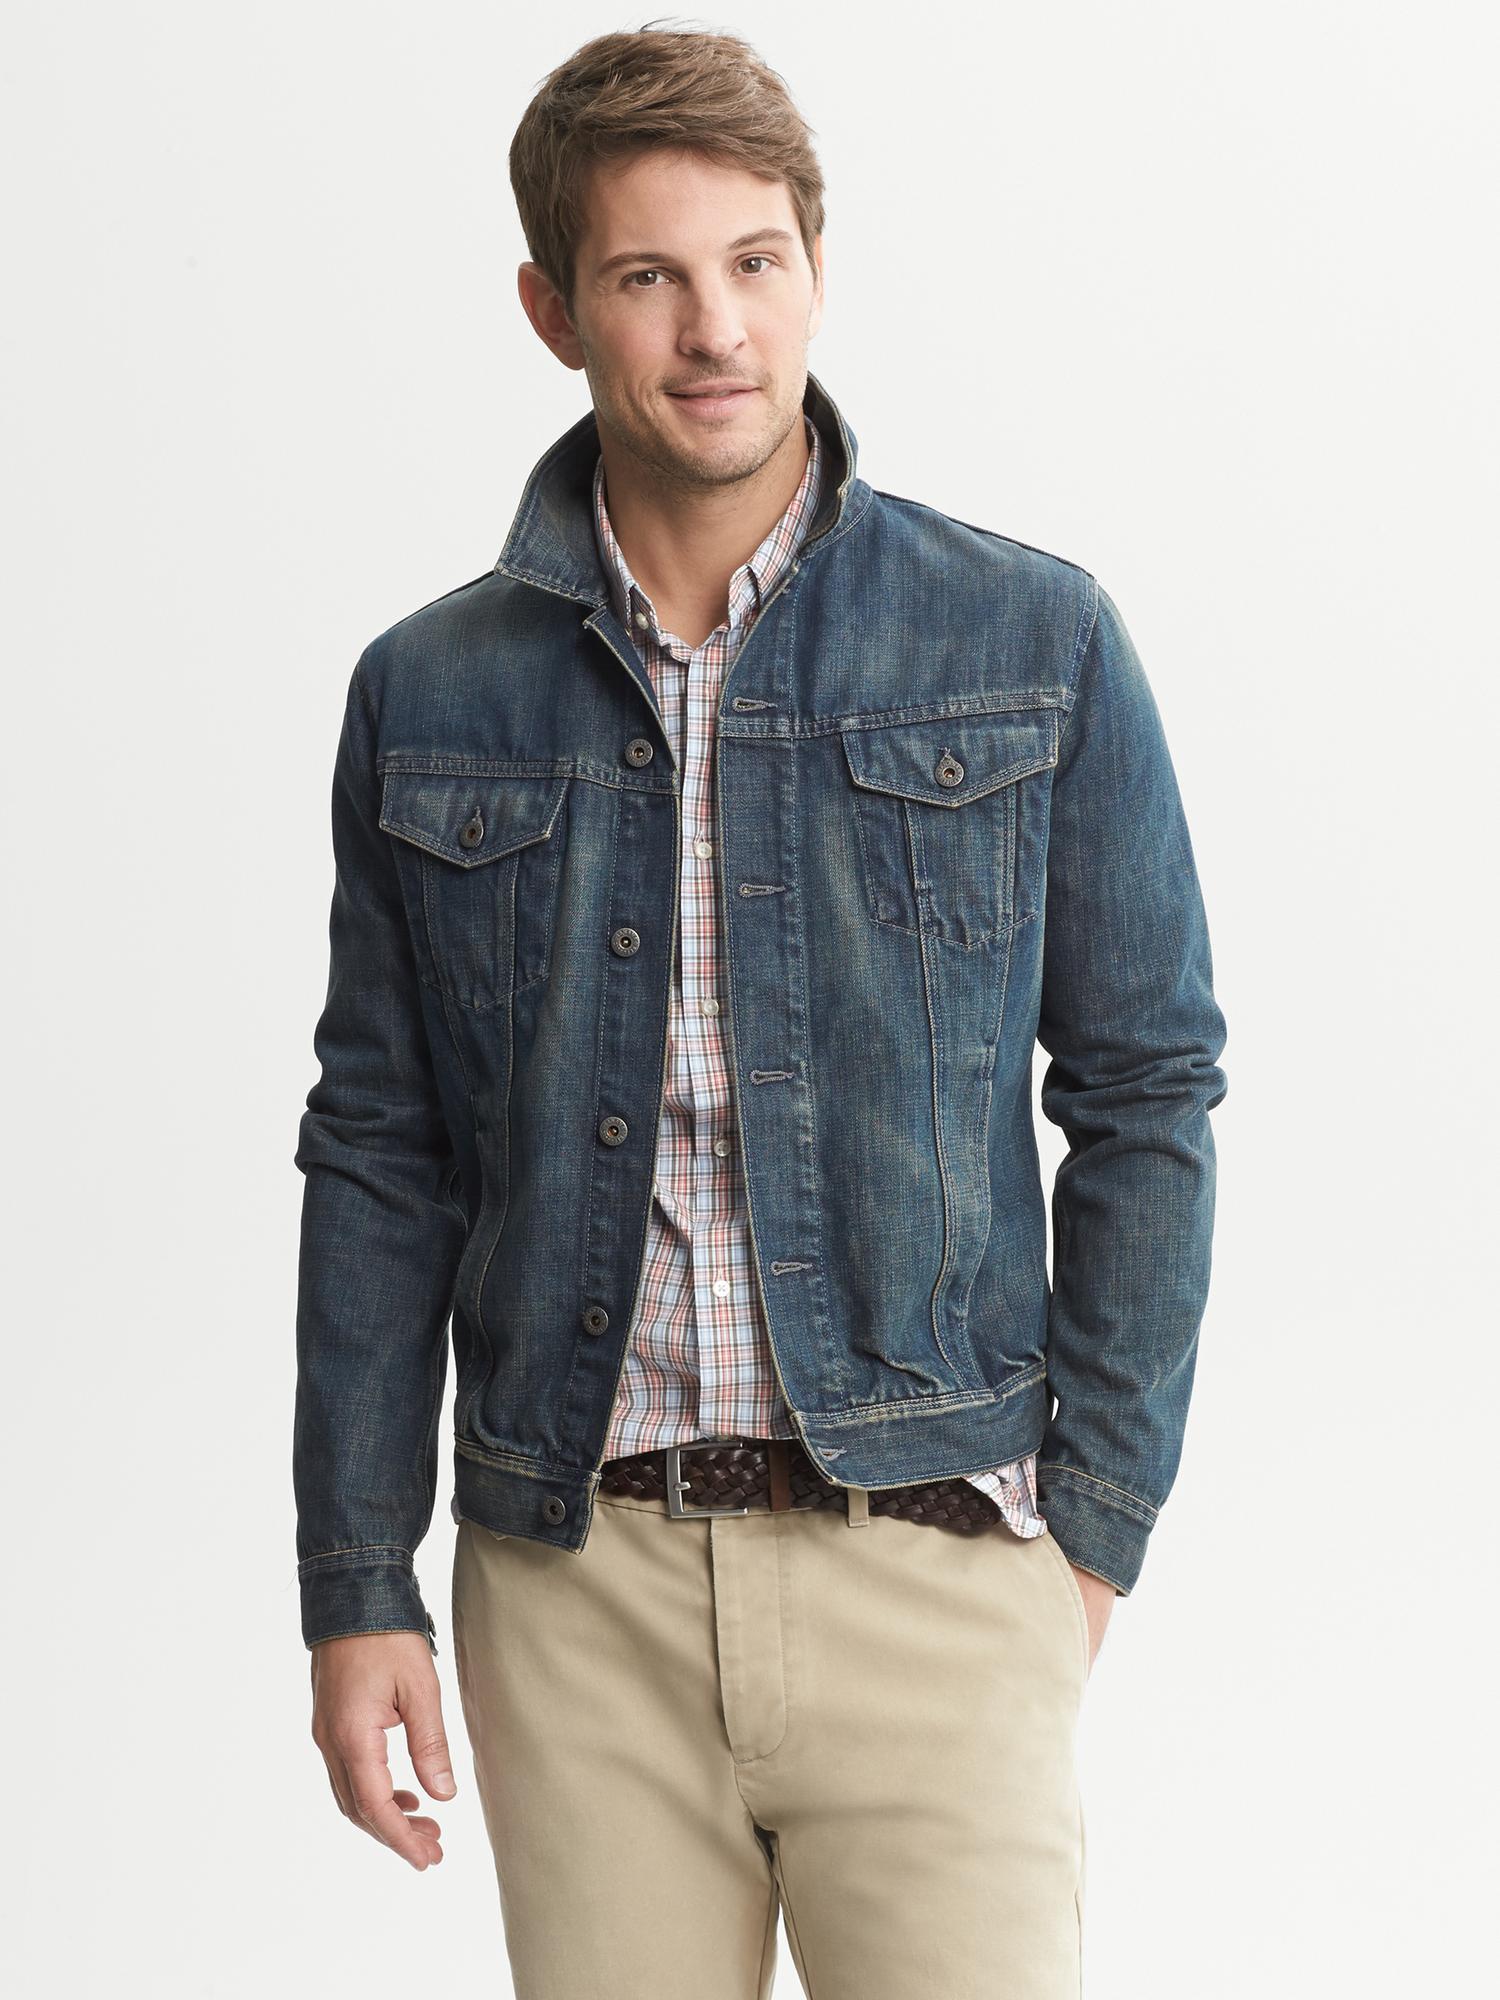 Burgundy leather jacket banana republic – Fashionable jacket 2017 ...